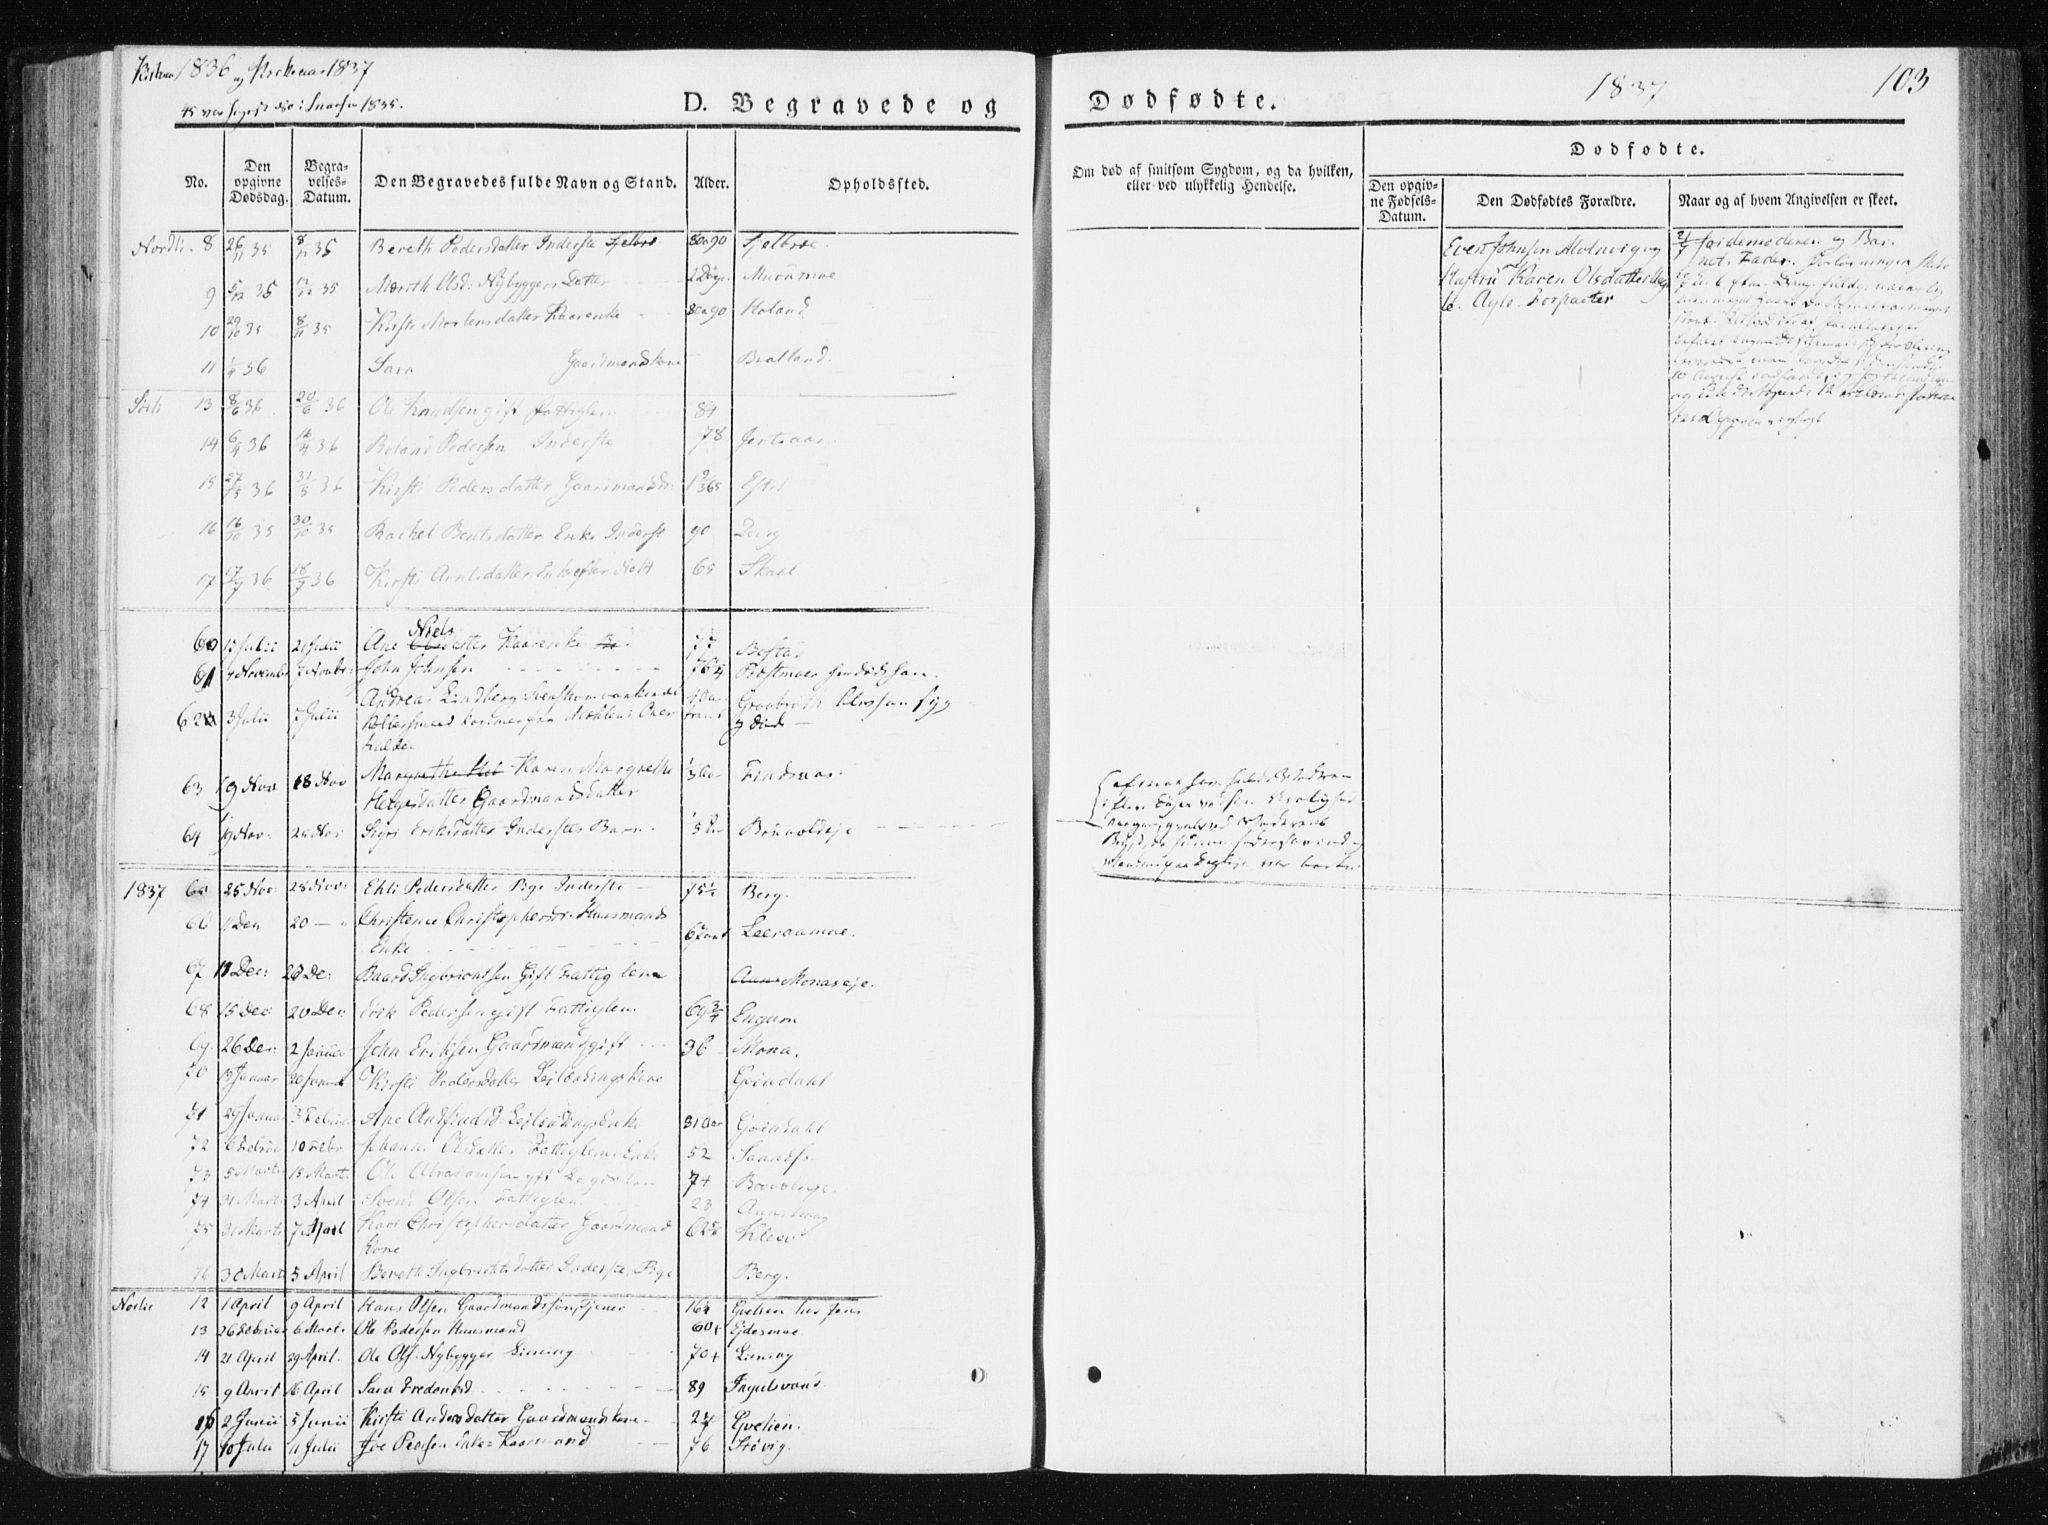 SAT, Ministerialprotokoller, klokkerbøker og fødselsregistre - Nord-Trøndelag, 749/L0470: Ministerialbok nr. 749A04, 1834-1853, s. 103